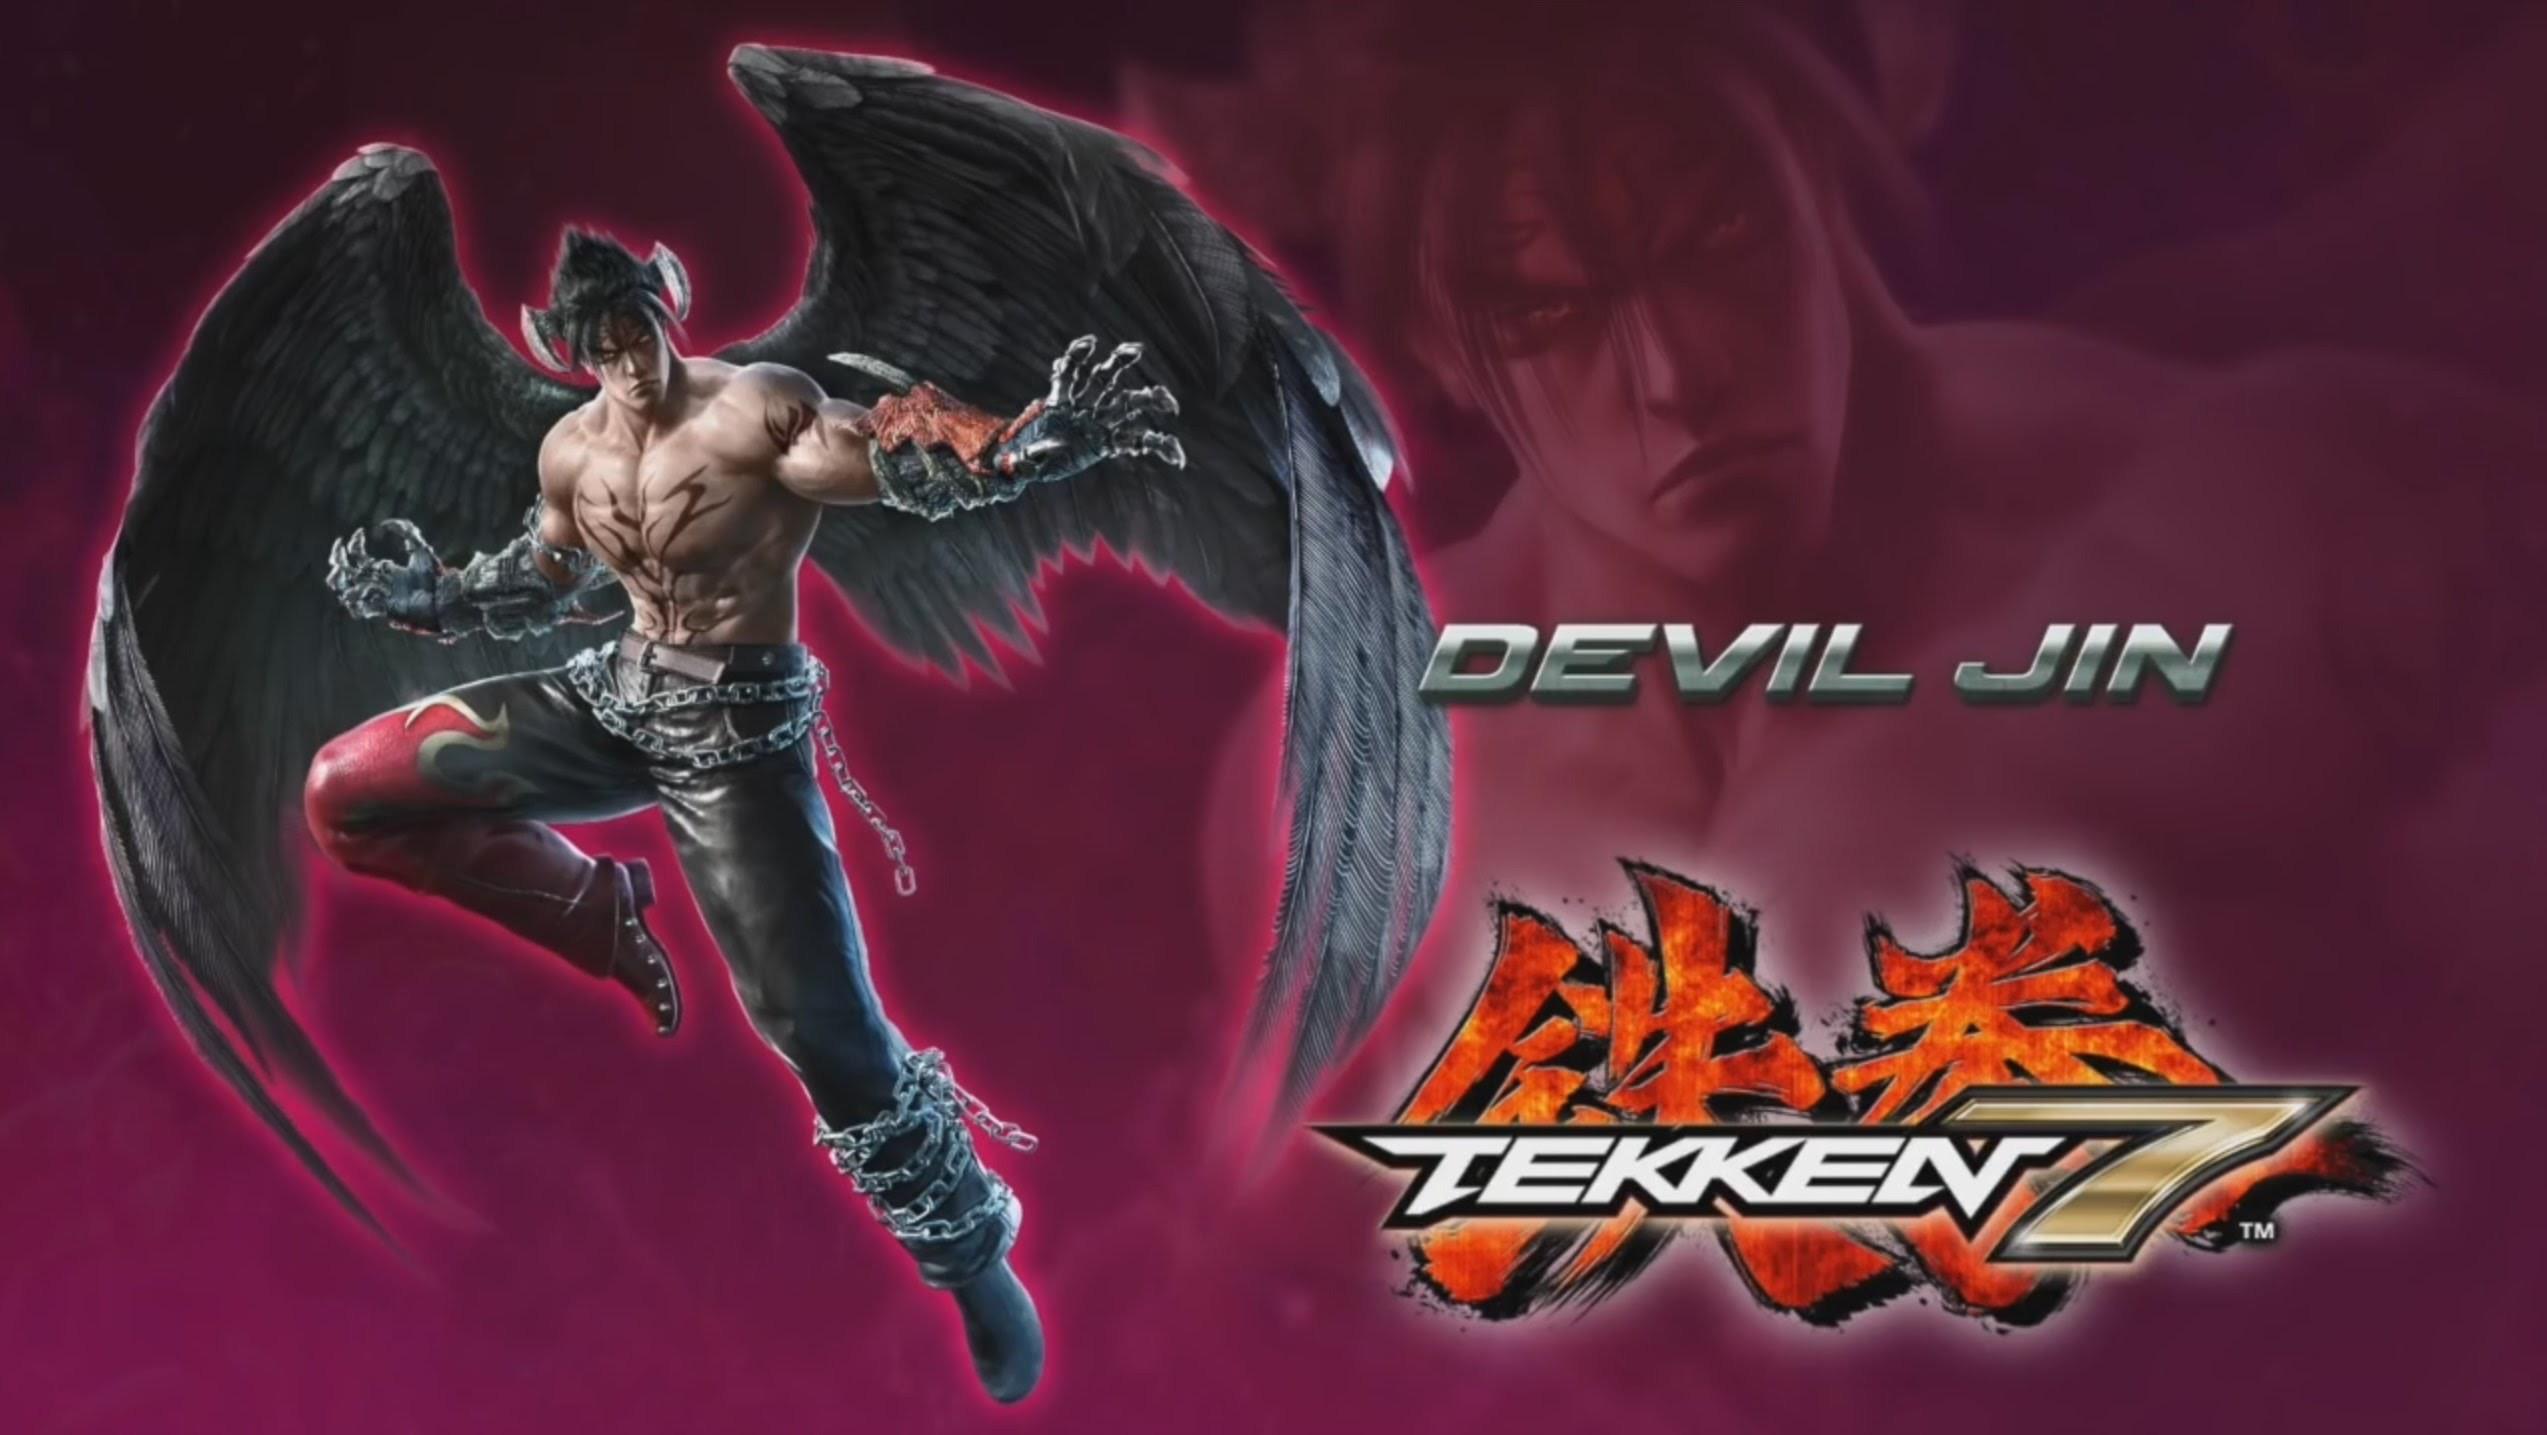 Tekken Wallpapers 3